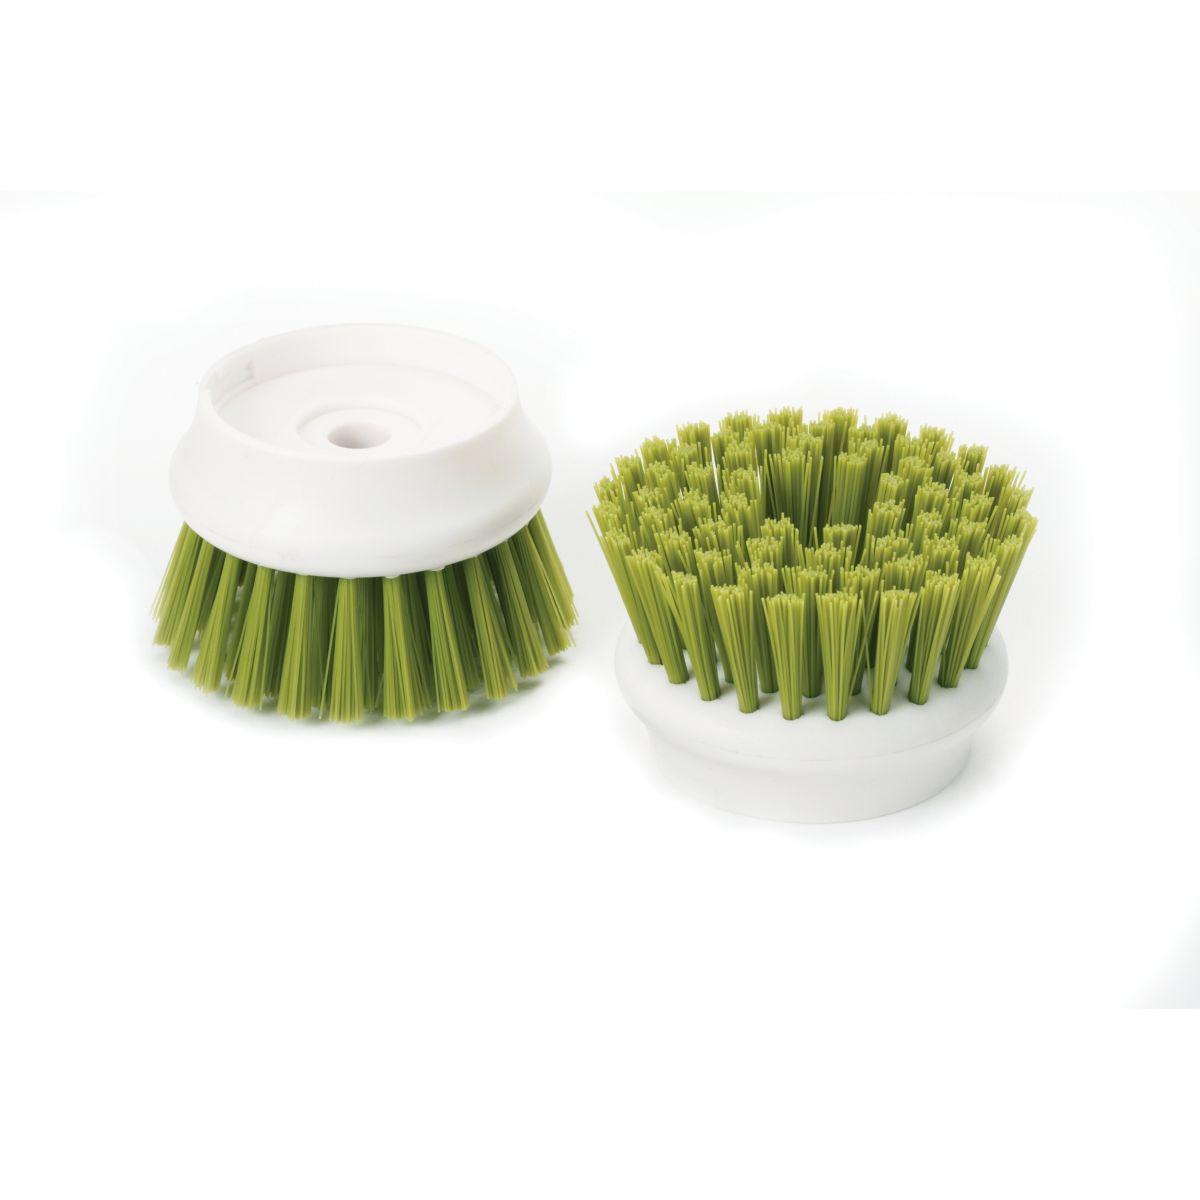 Brosse joseph joseph de rechange set de 2 palm scrub -vert - 7% de remise imm�diate avec le code : deal7 (photo)